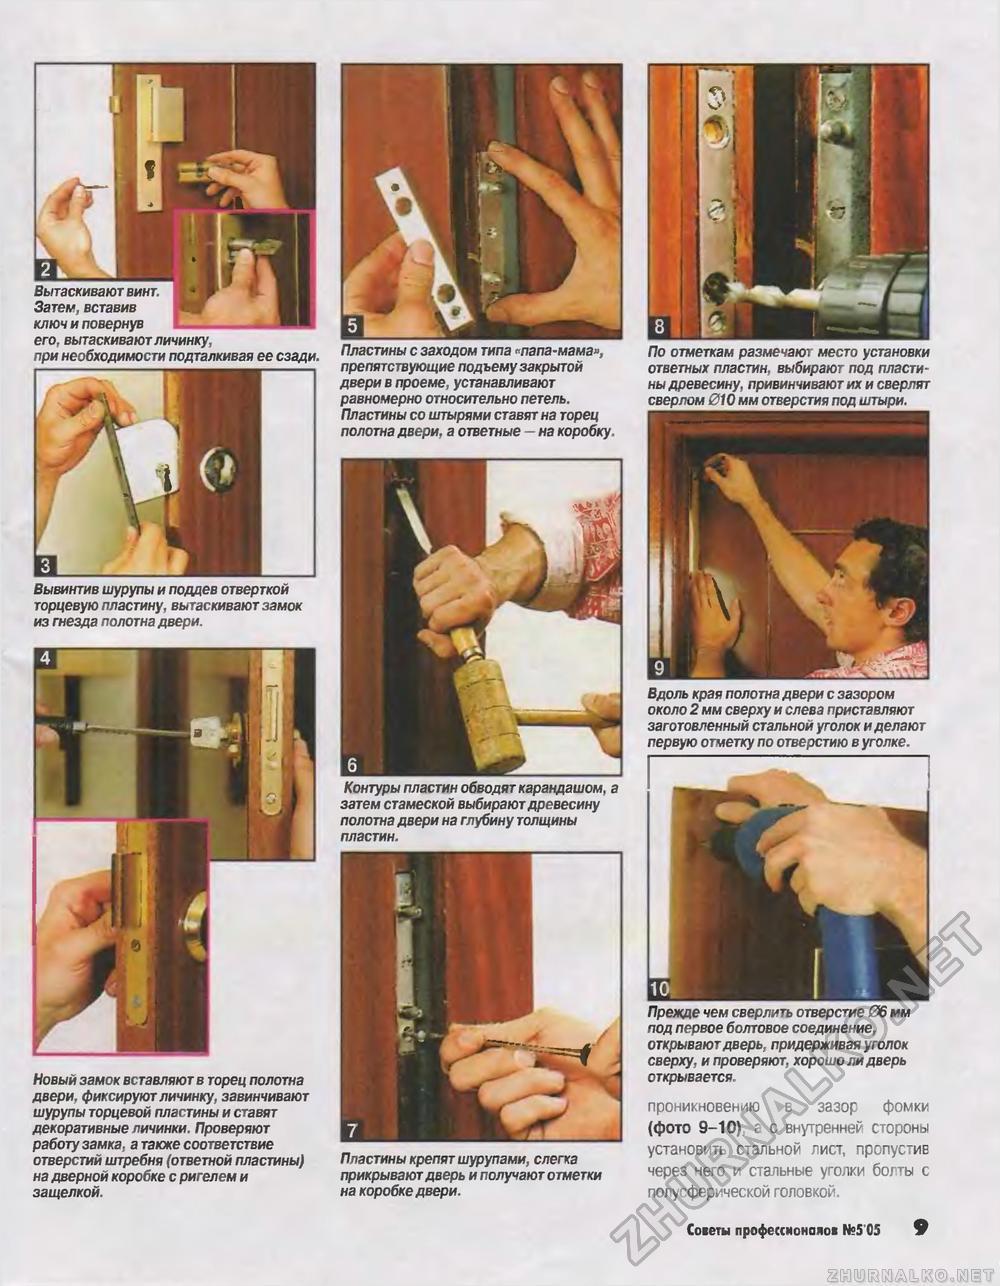 Сделать дверной проём без дверей своими руками